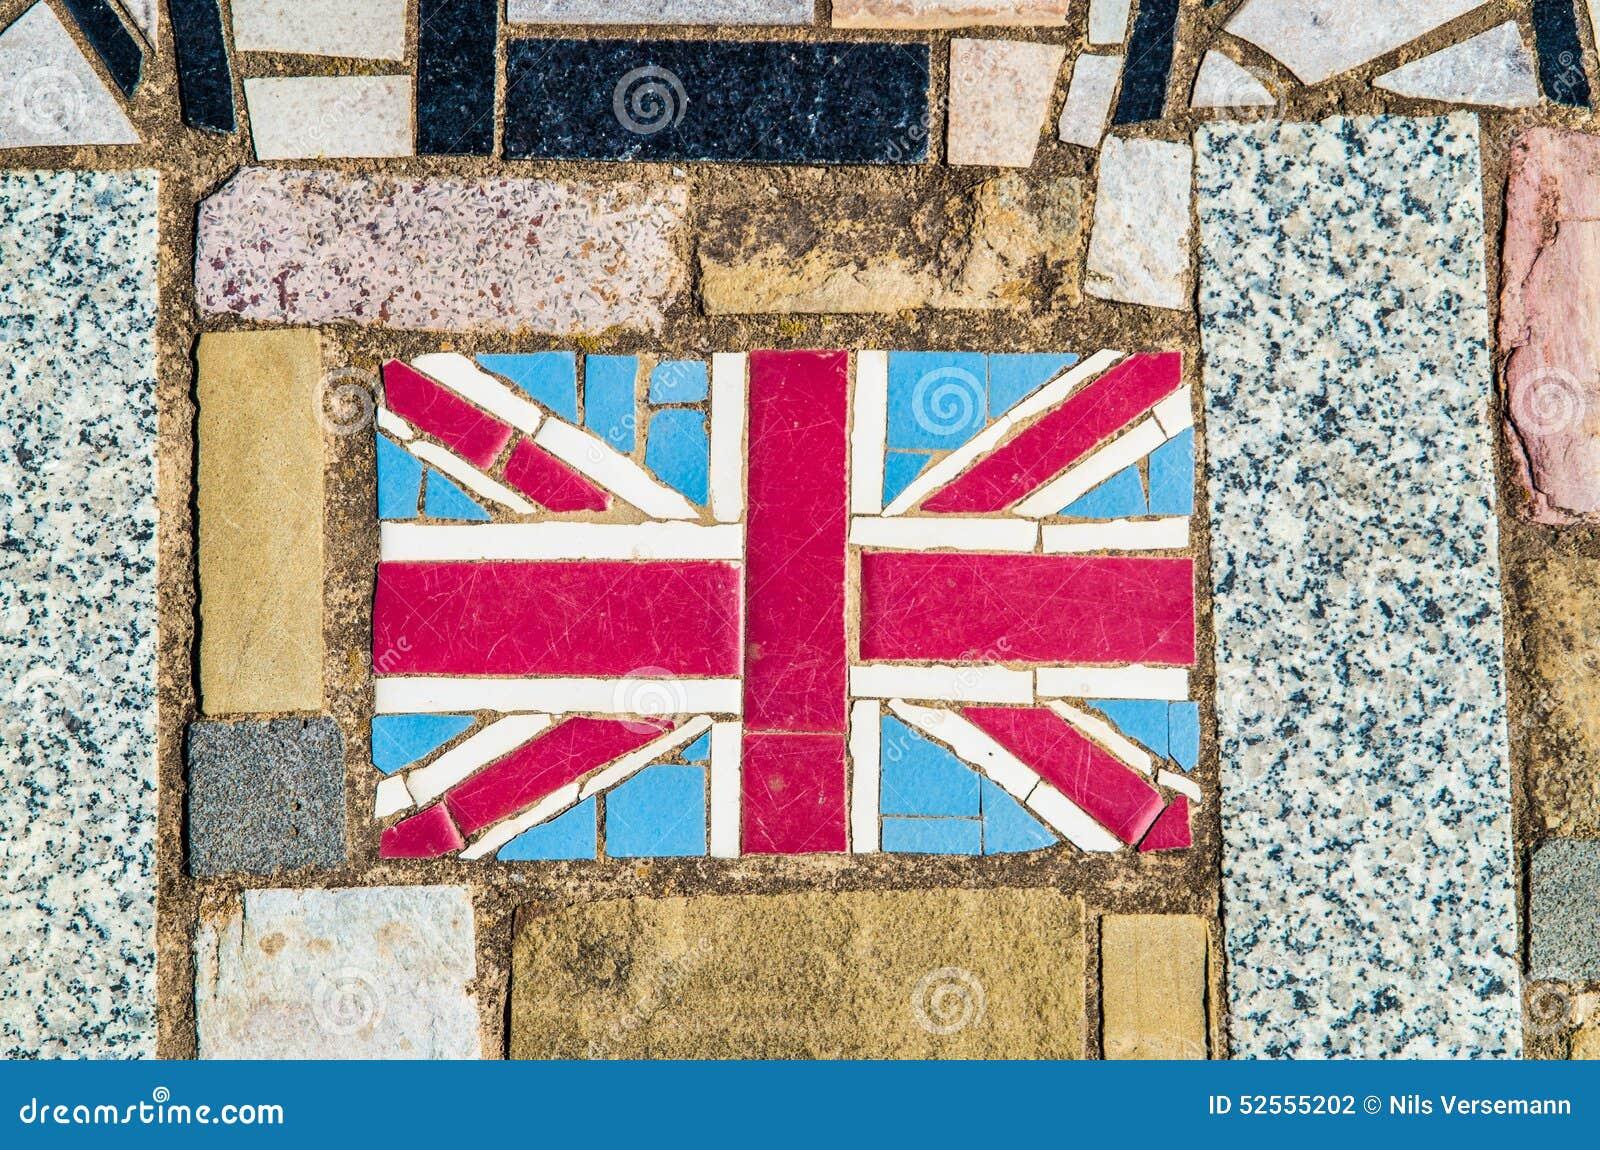 Mozaïek van Union Jack, de nationale vlag van het Verenigd Koninkrijk